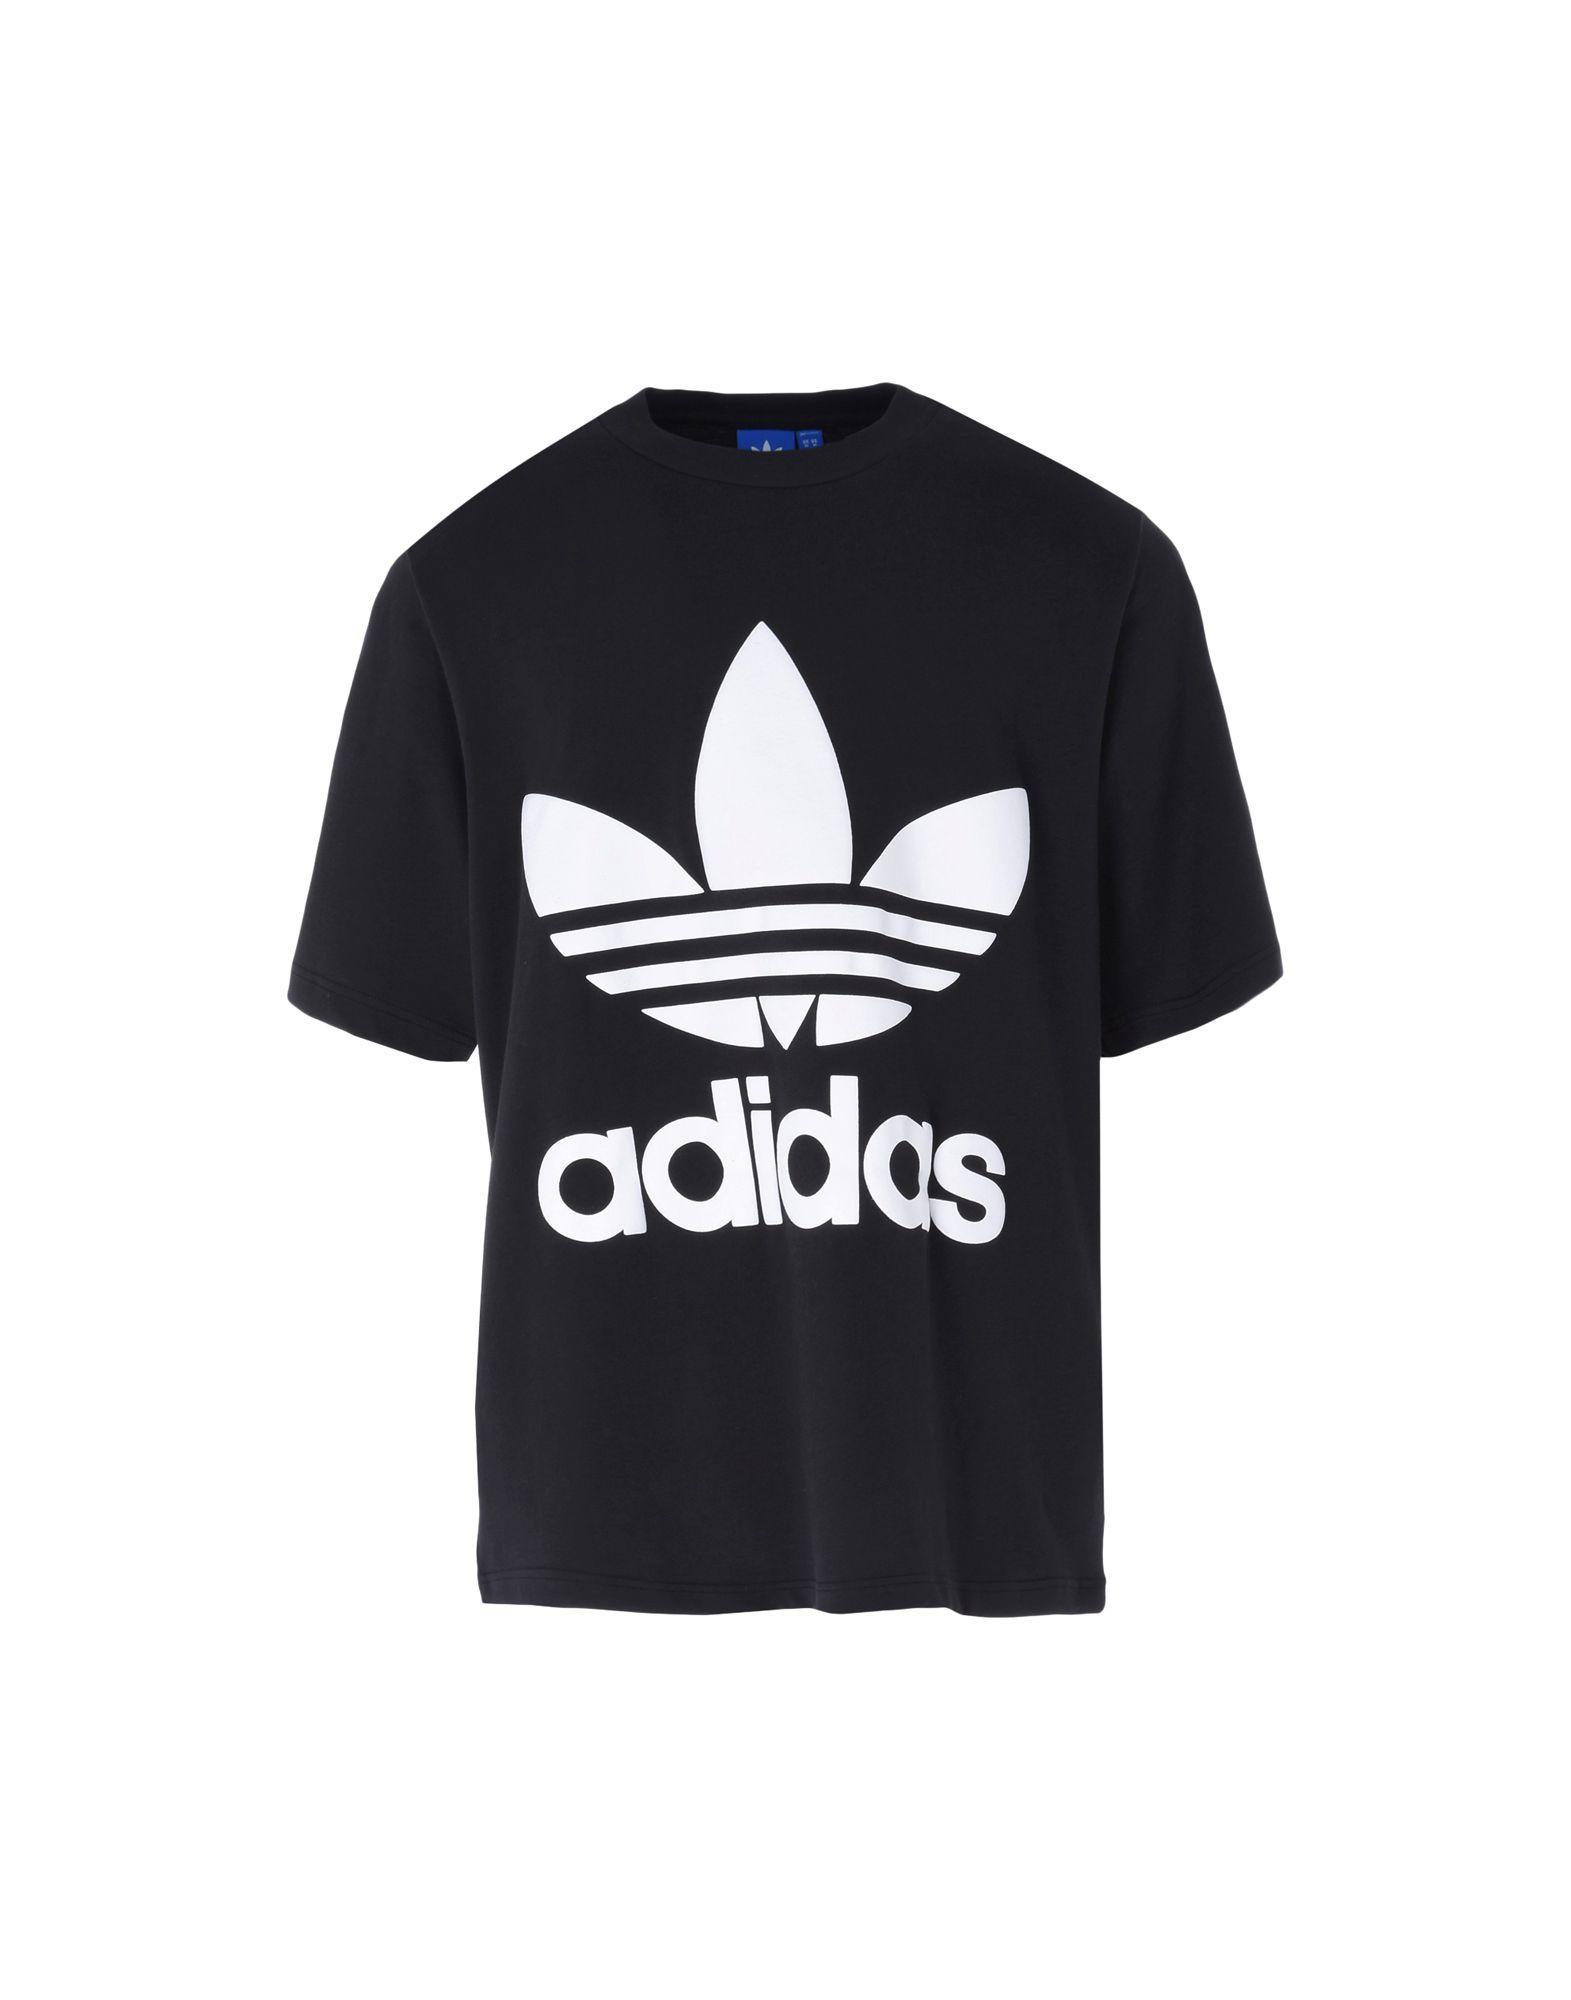 《送料無料》ADIDAS ORIGINALS メンズ T シャツ ブラック S コットン 100% AC BOXY TEE